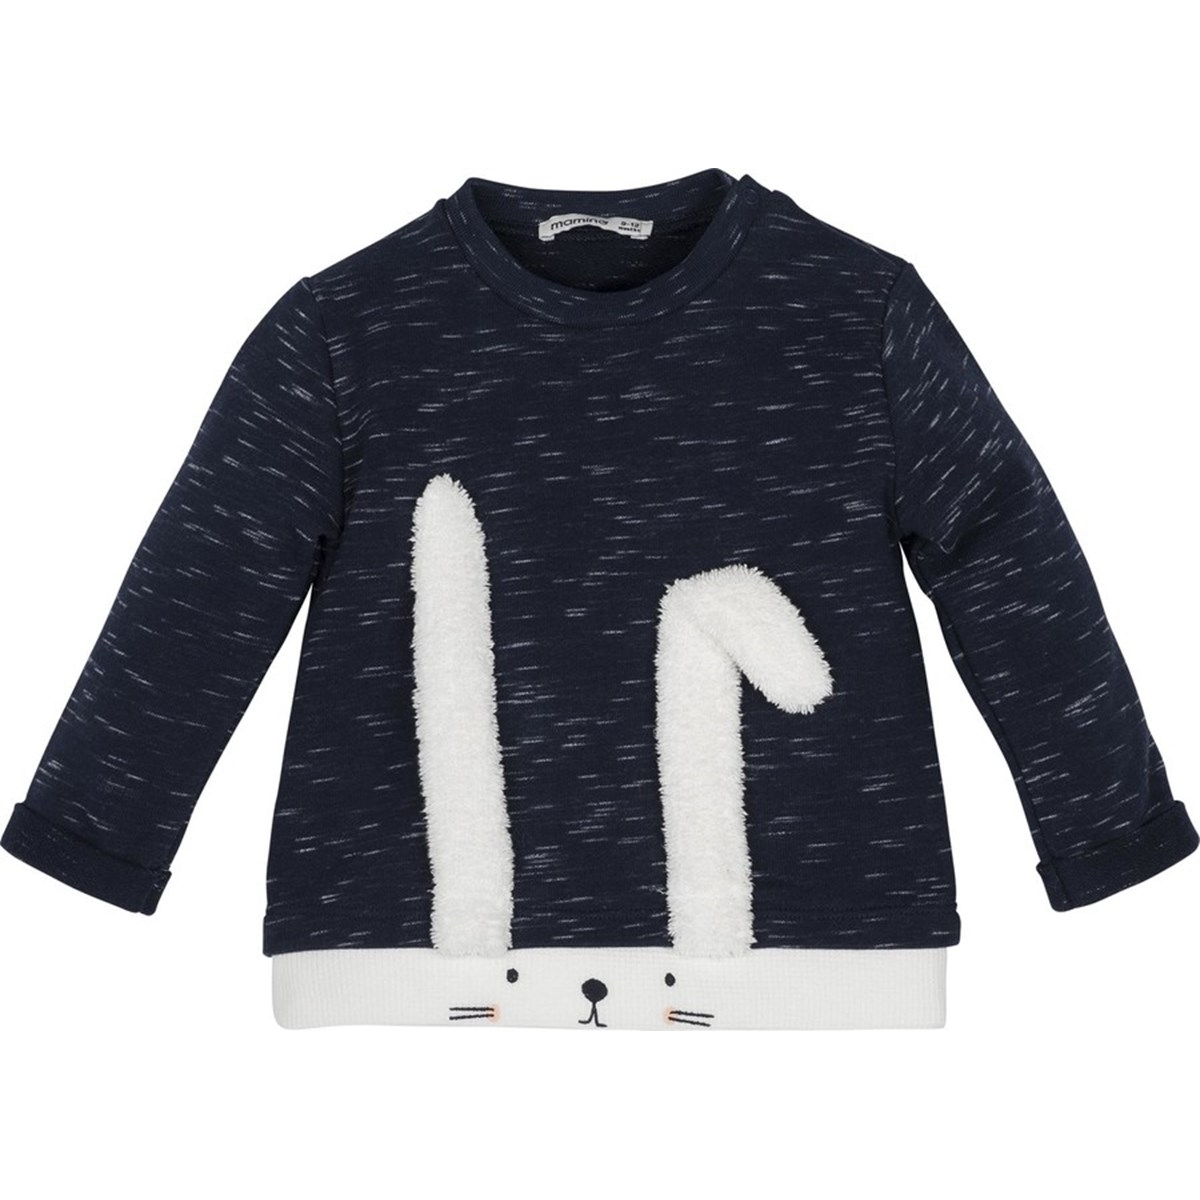 12529 Sweatshirt 1